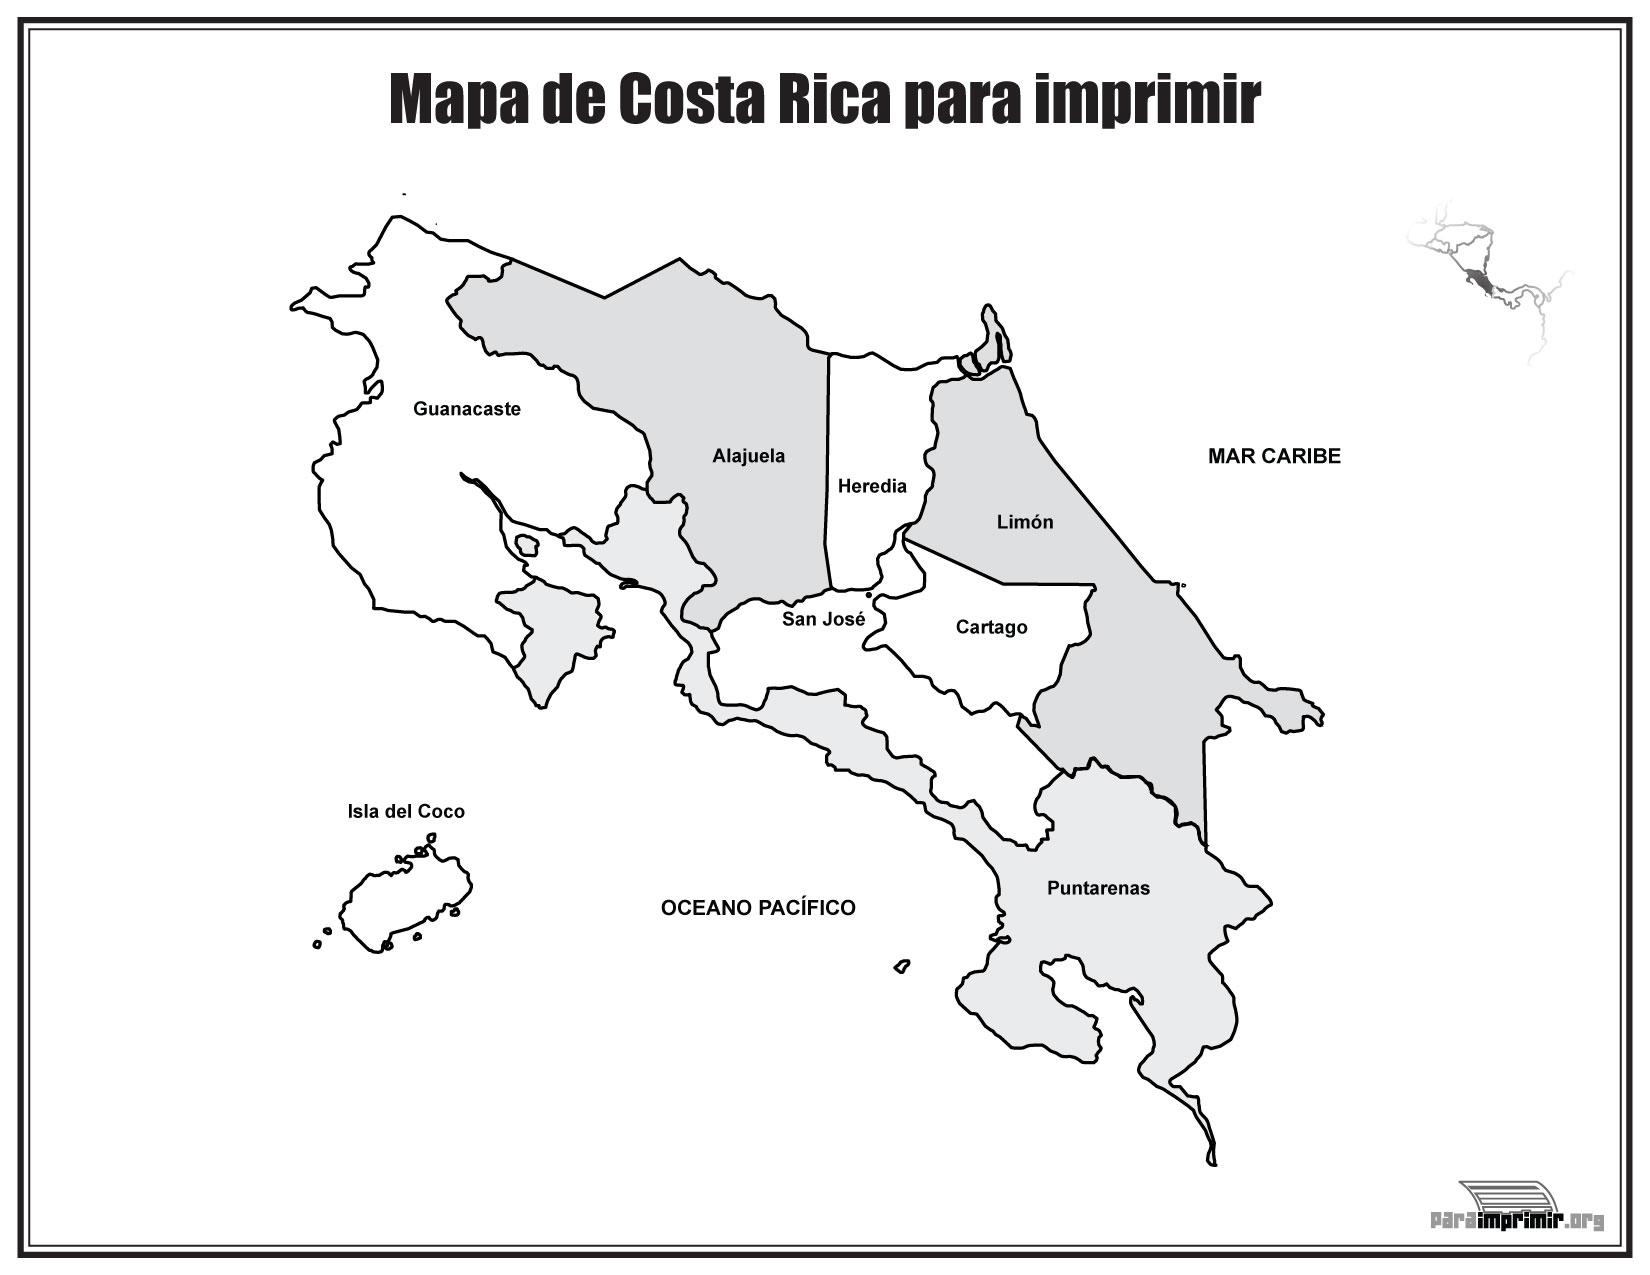 Mapa de Costa Rica con nombres para imprimir